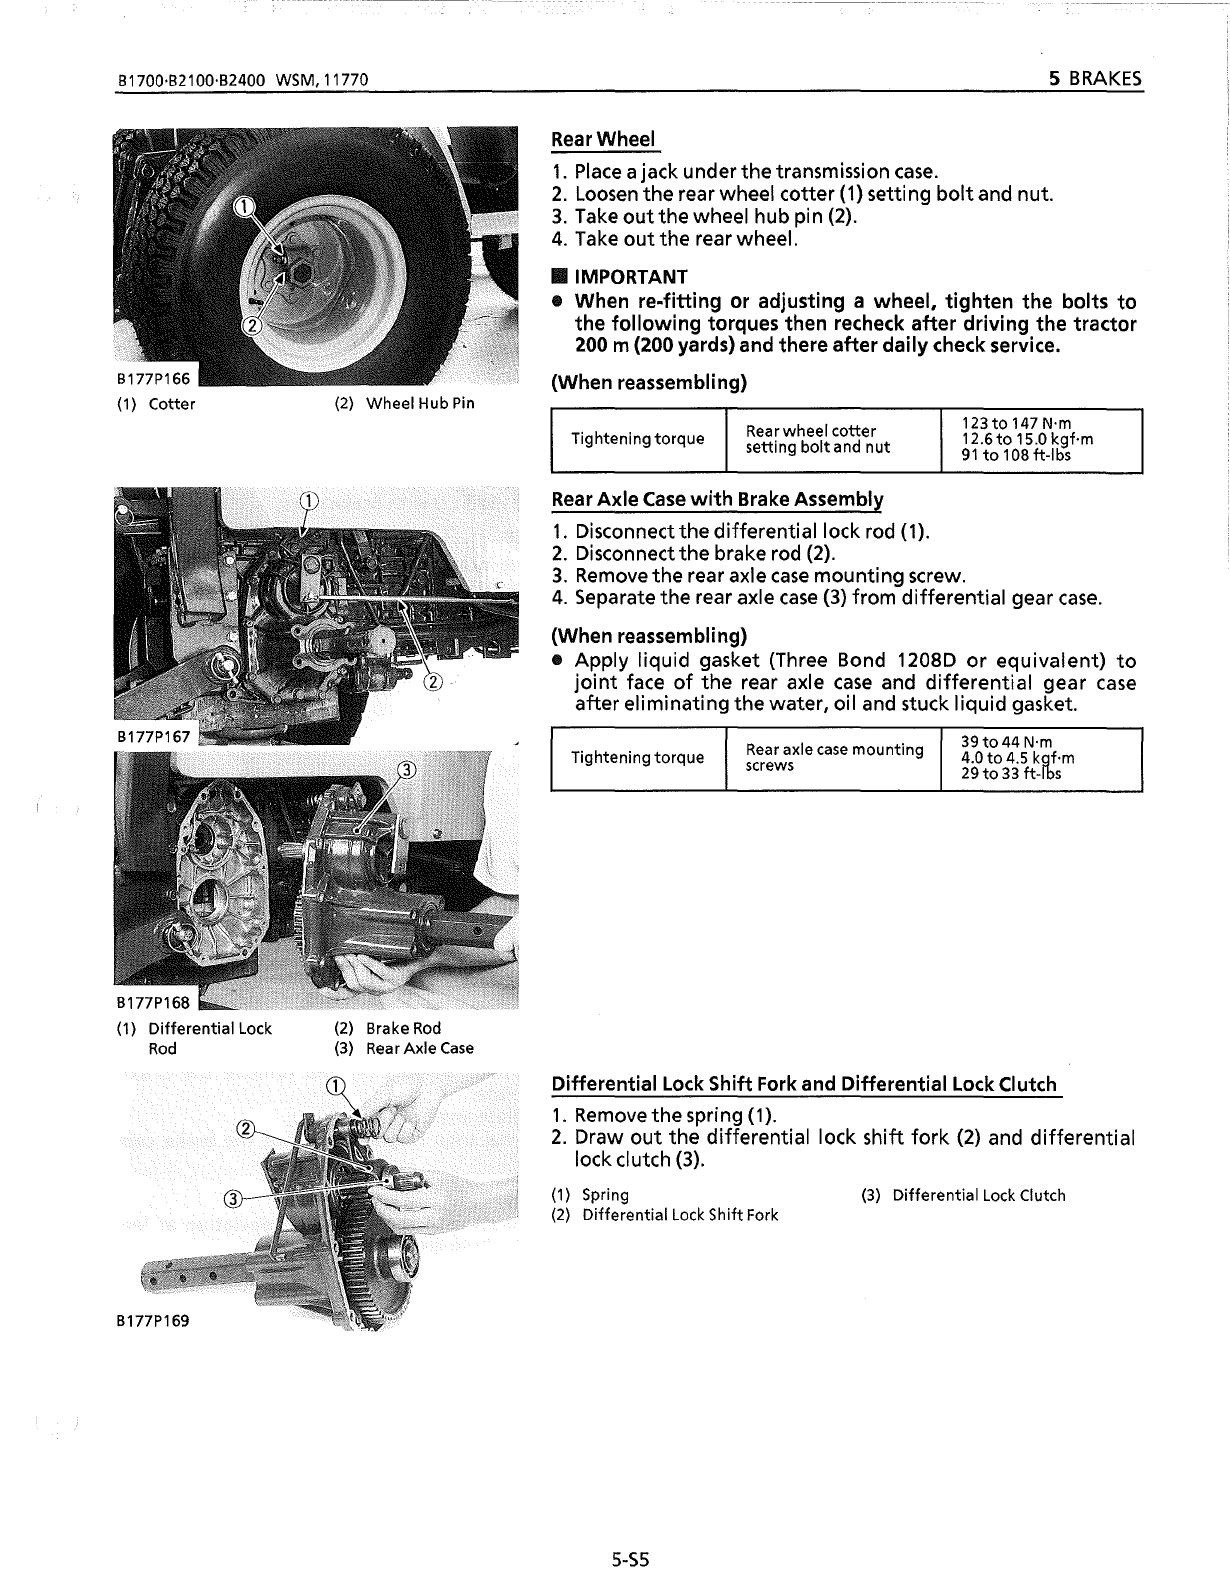 Bedienungsanleitung Kubota B2100 (Seite 21 von 233) (Englisch)